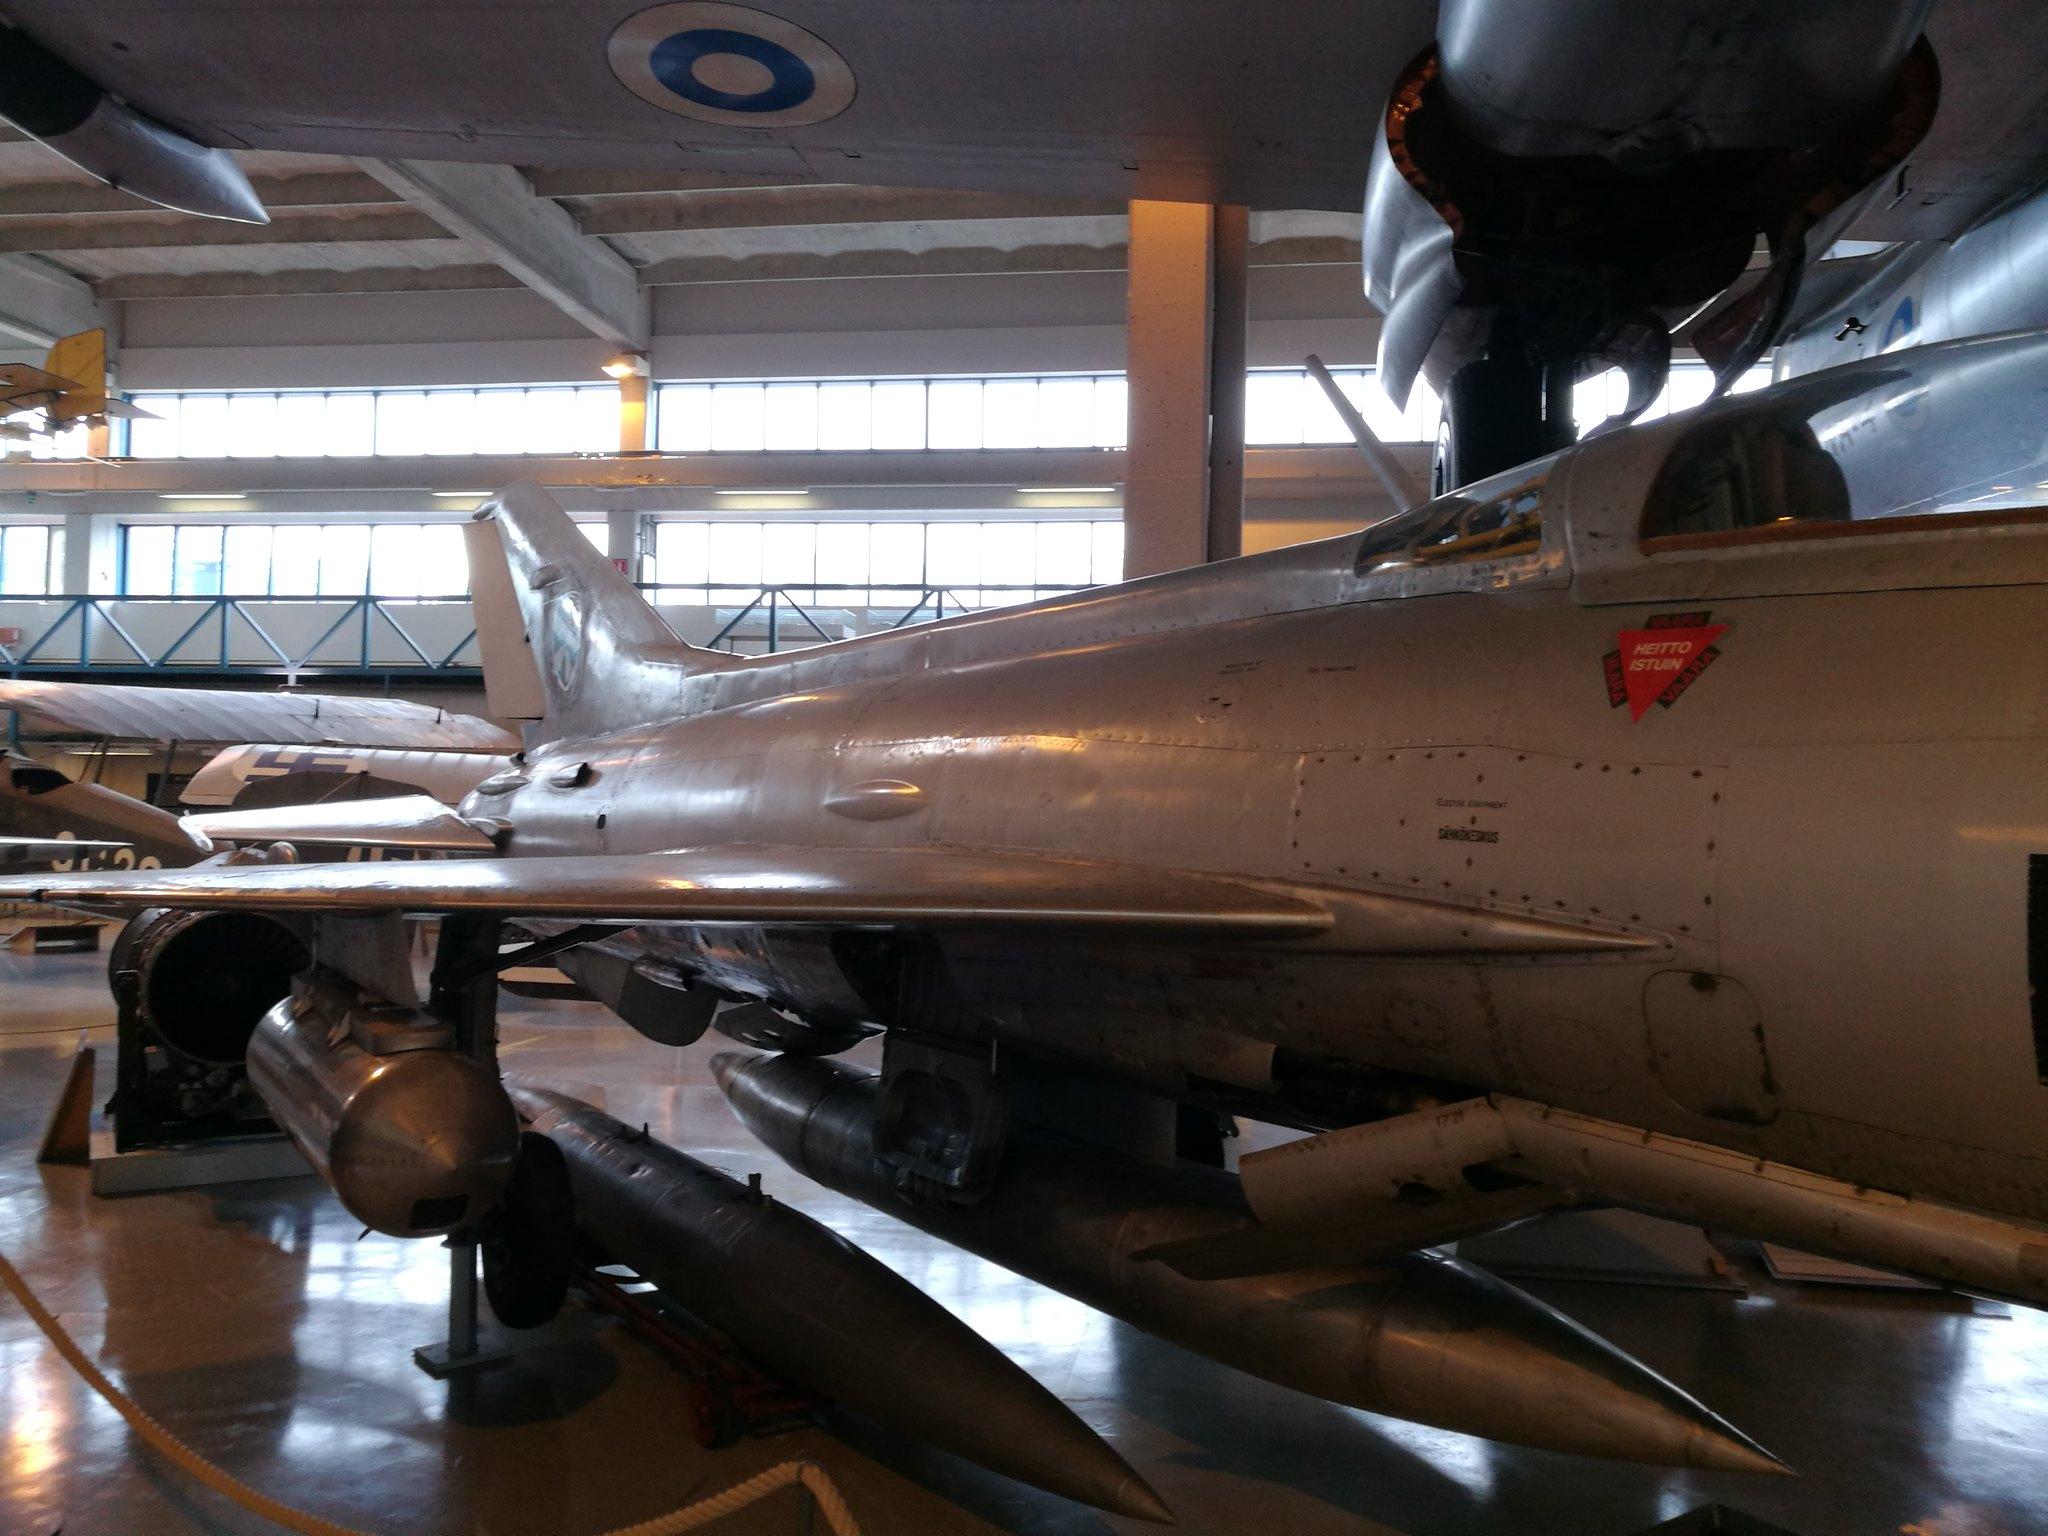 Hemkommen från semester i Finland med utflykt till Finlands Flygvapenmuseum. 48287370161_9cbb5f46e2_k